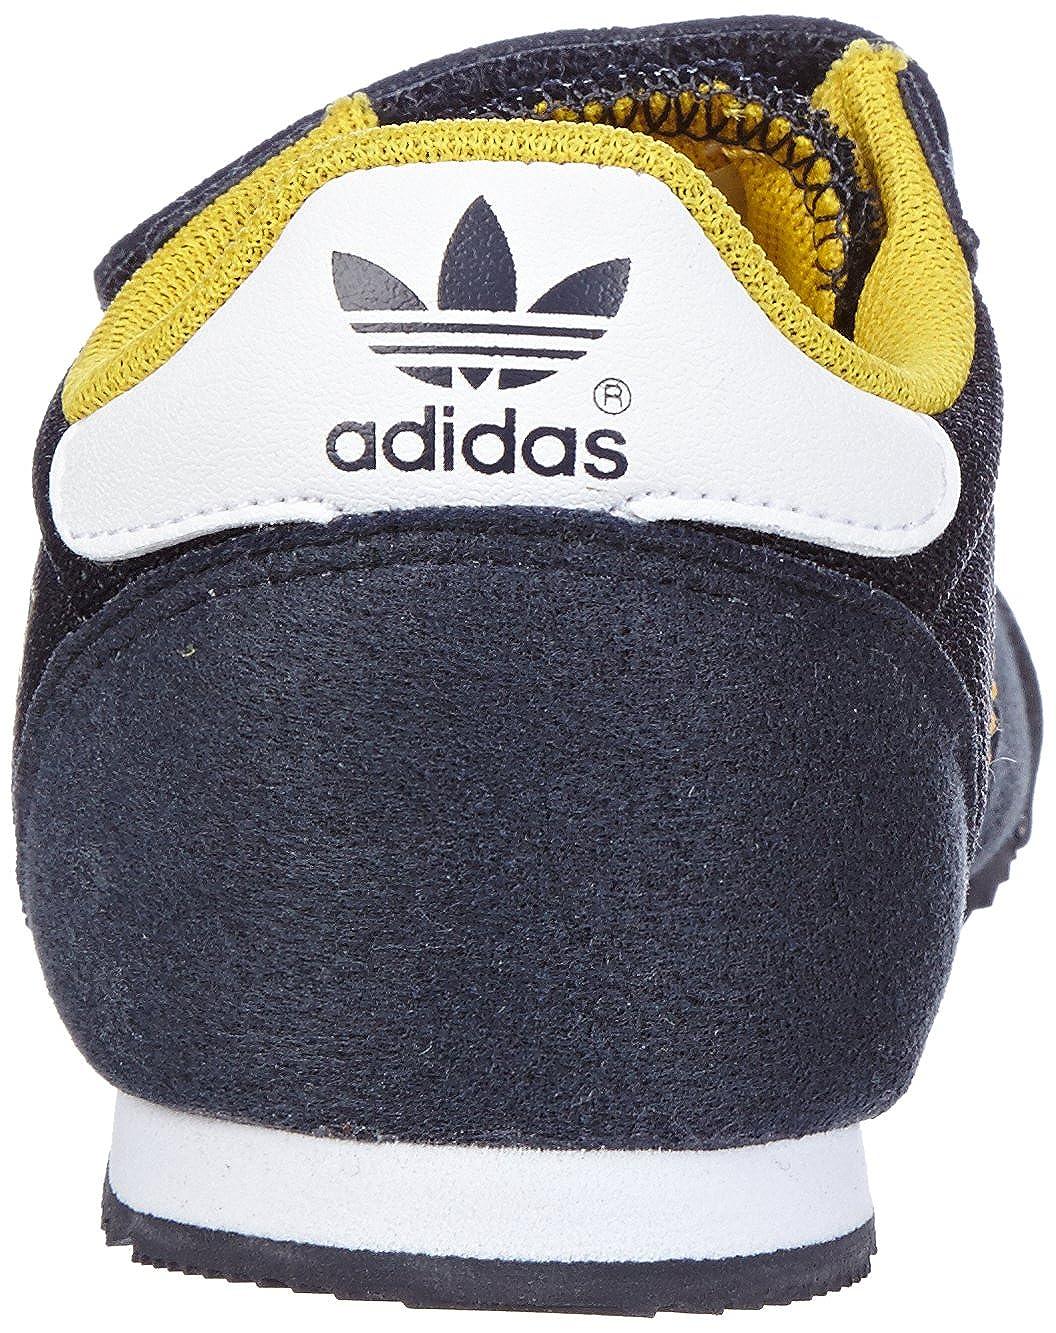 promo code add4c 31397 adidas Originals Dragon CF I, Sneaker Bambino adidas Originals Amazon.it  Scarpe e borse